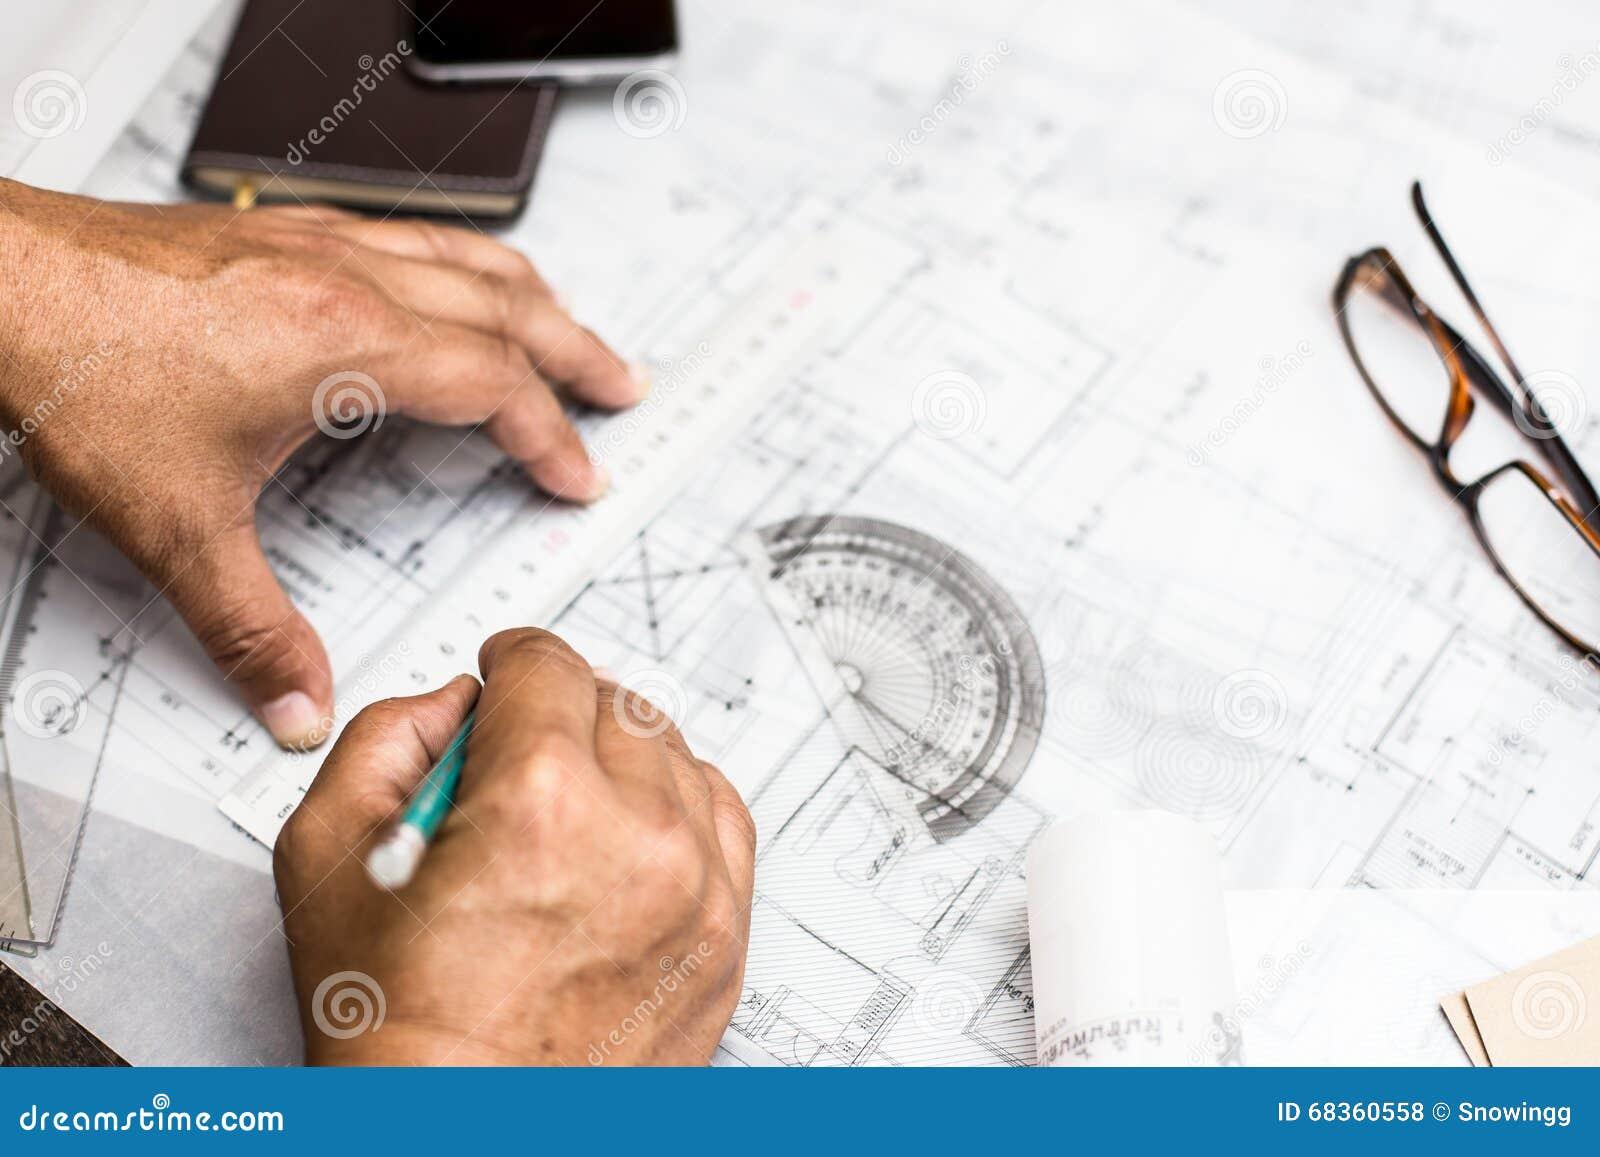 plan rapproch u00e9 du plan de dessin de la main de la personne